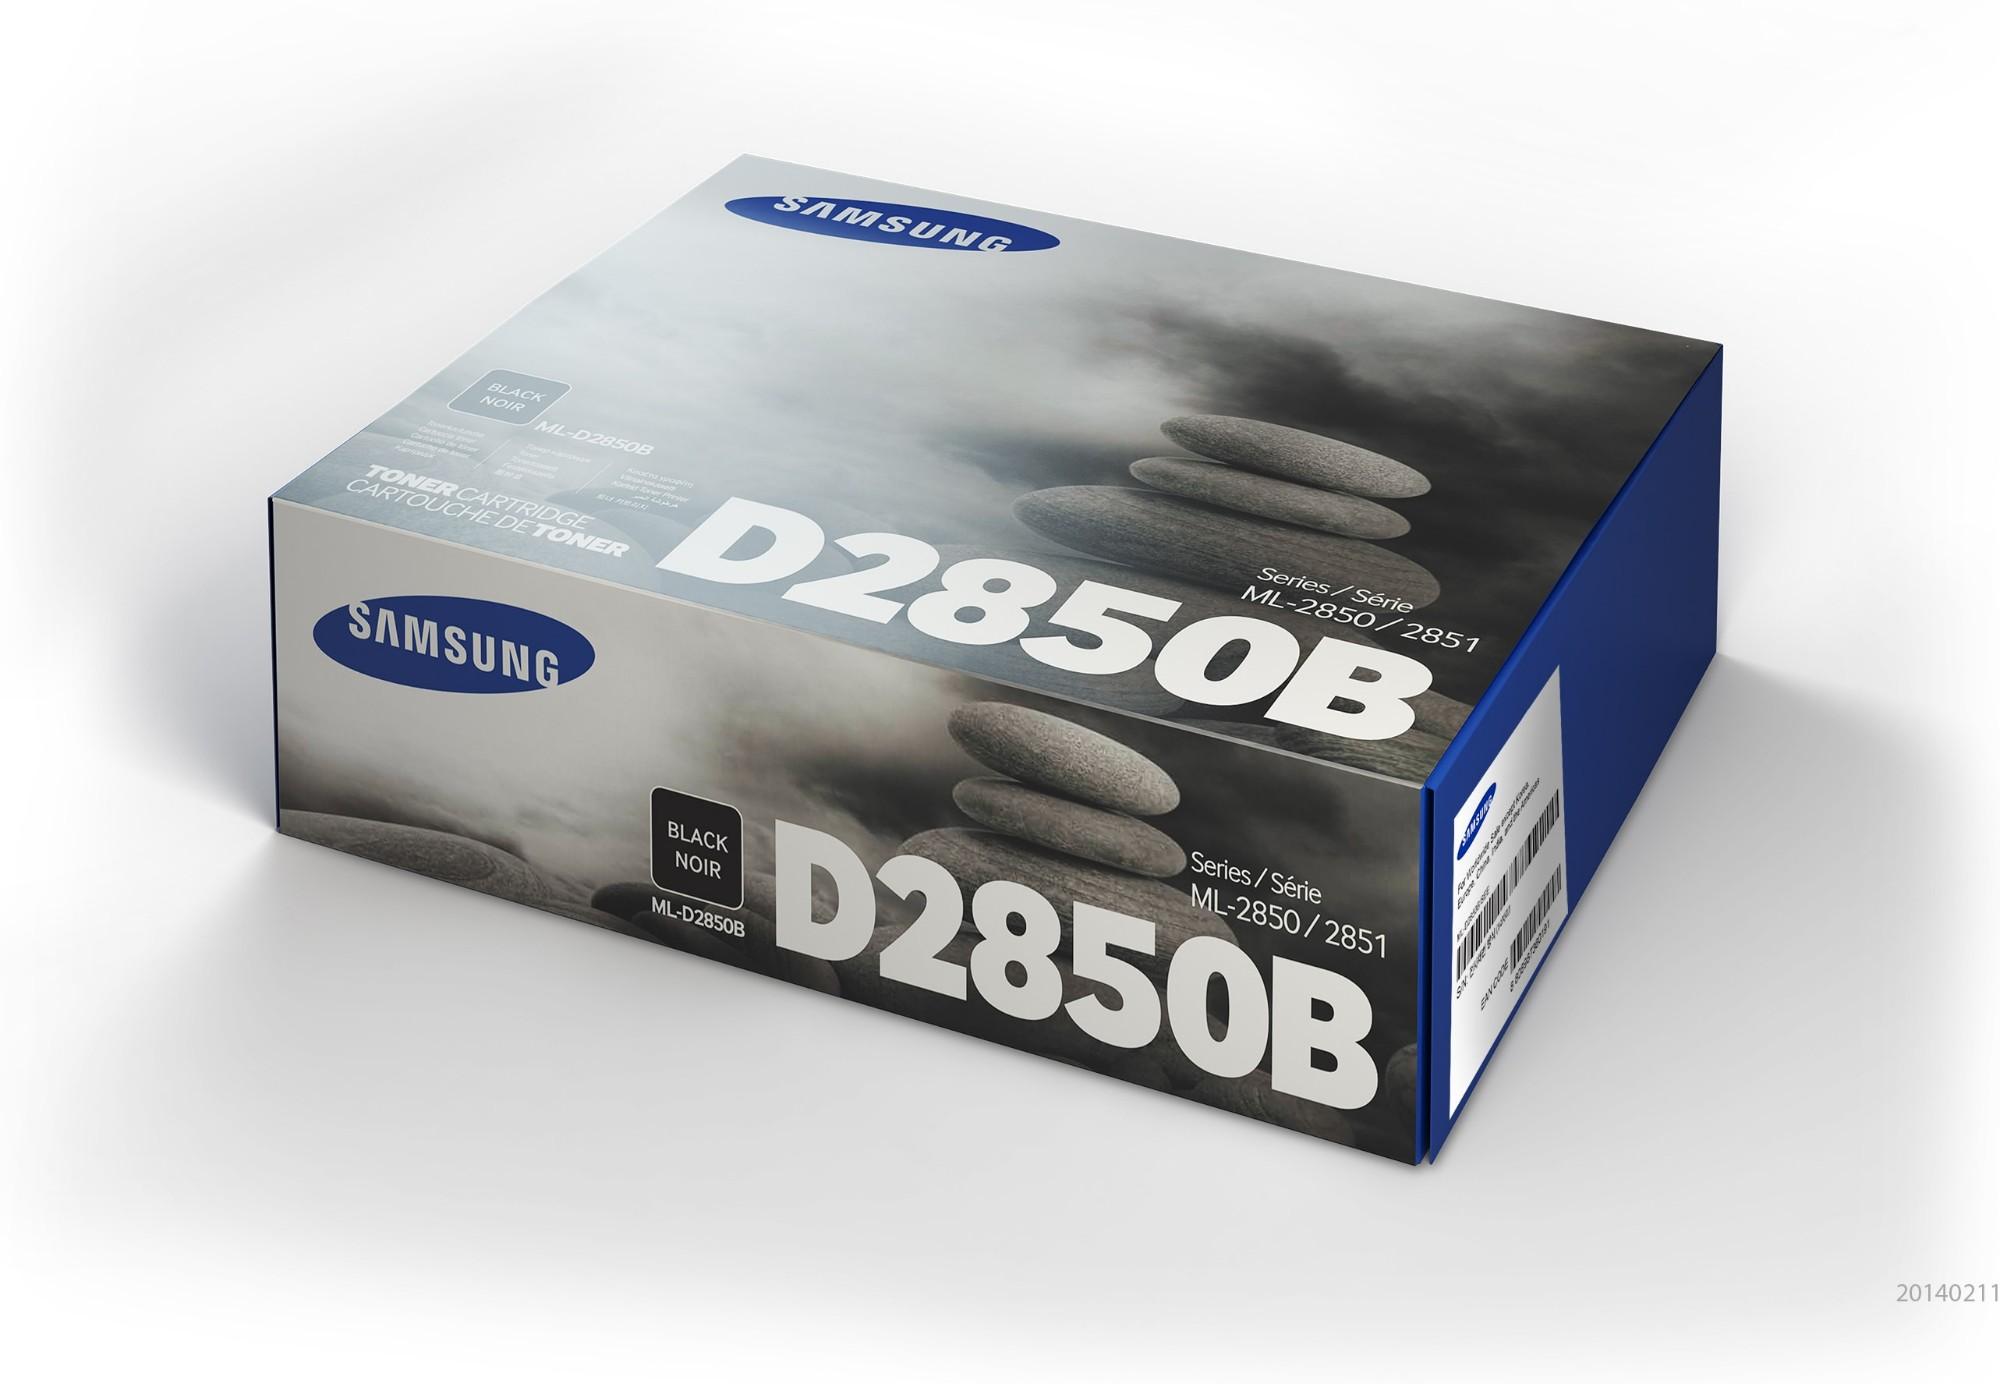 Samsung ML-D2850B Original Negro 1 pieza(s)